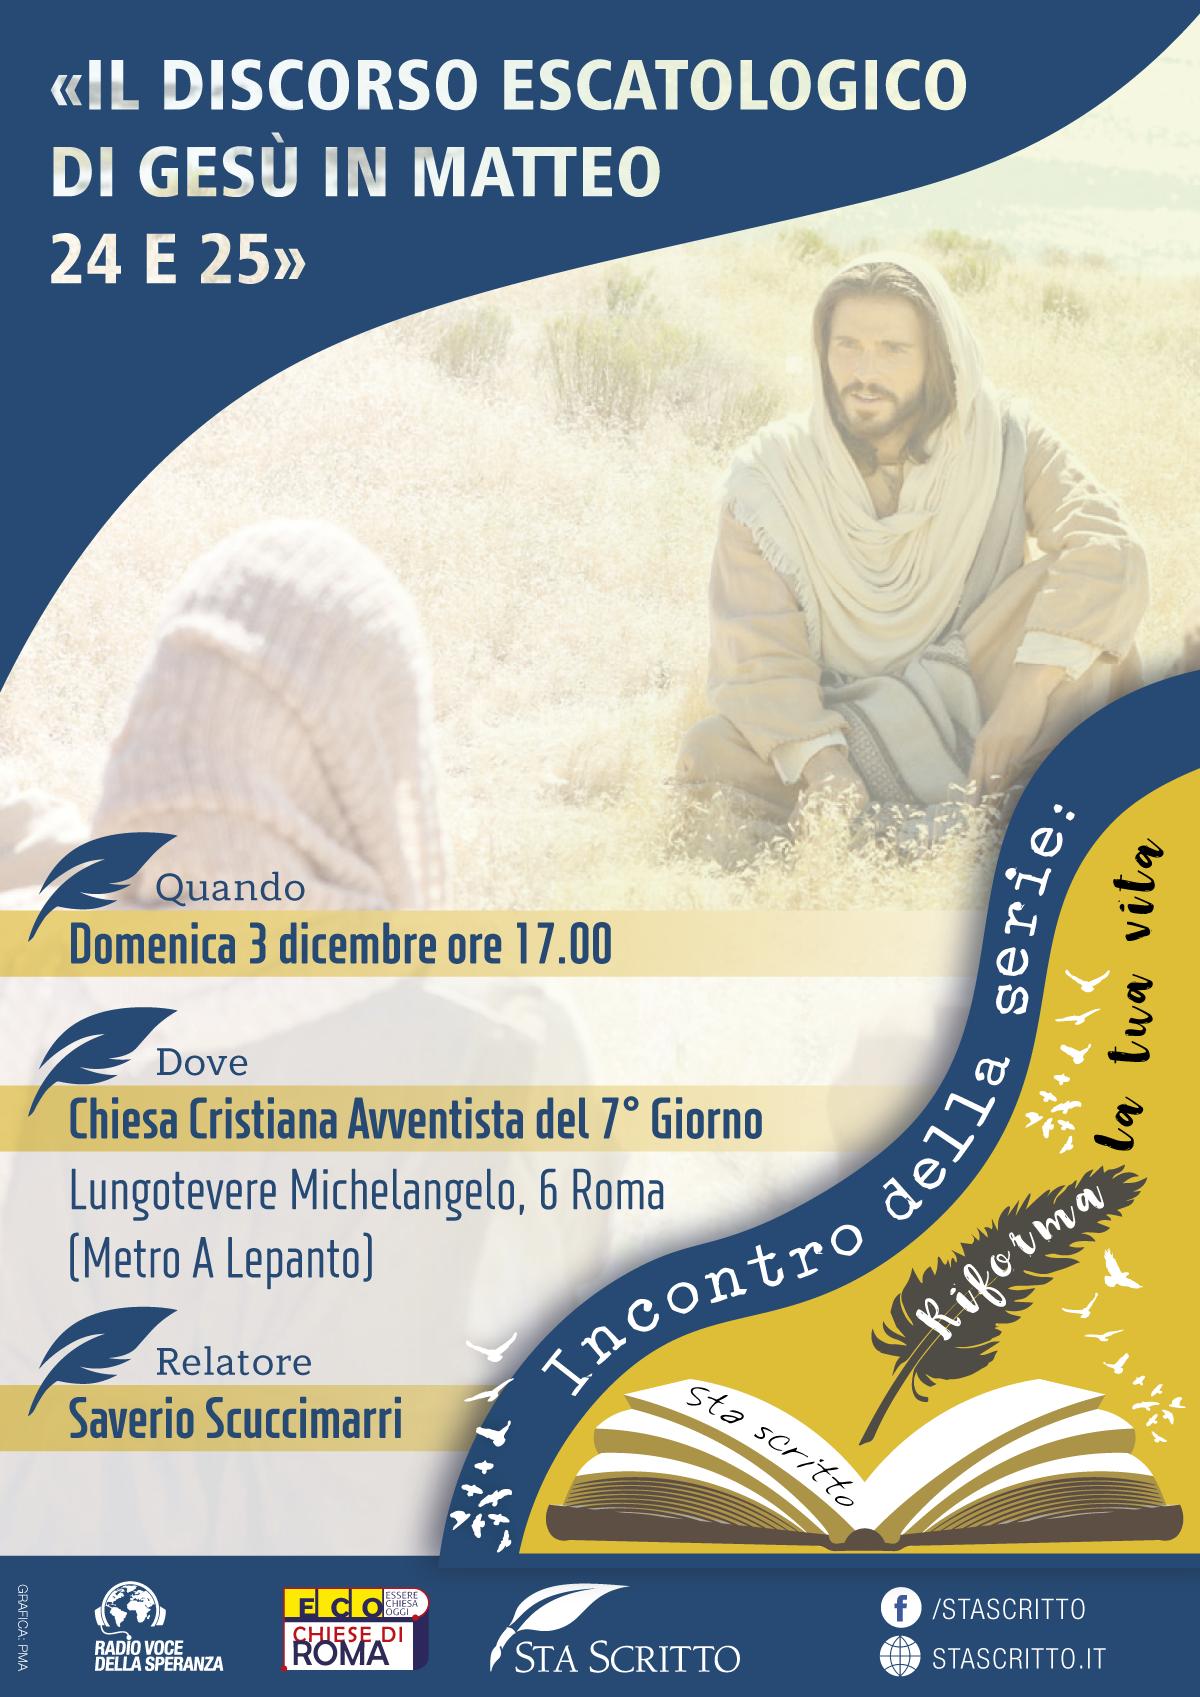 Il discorso escatologico di Gesù in Matteo 24 e 25